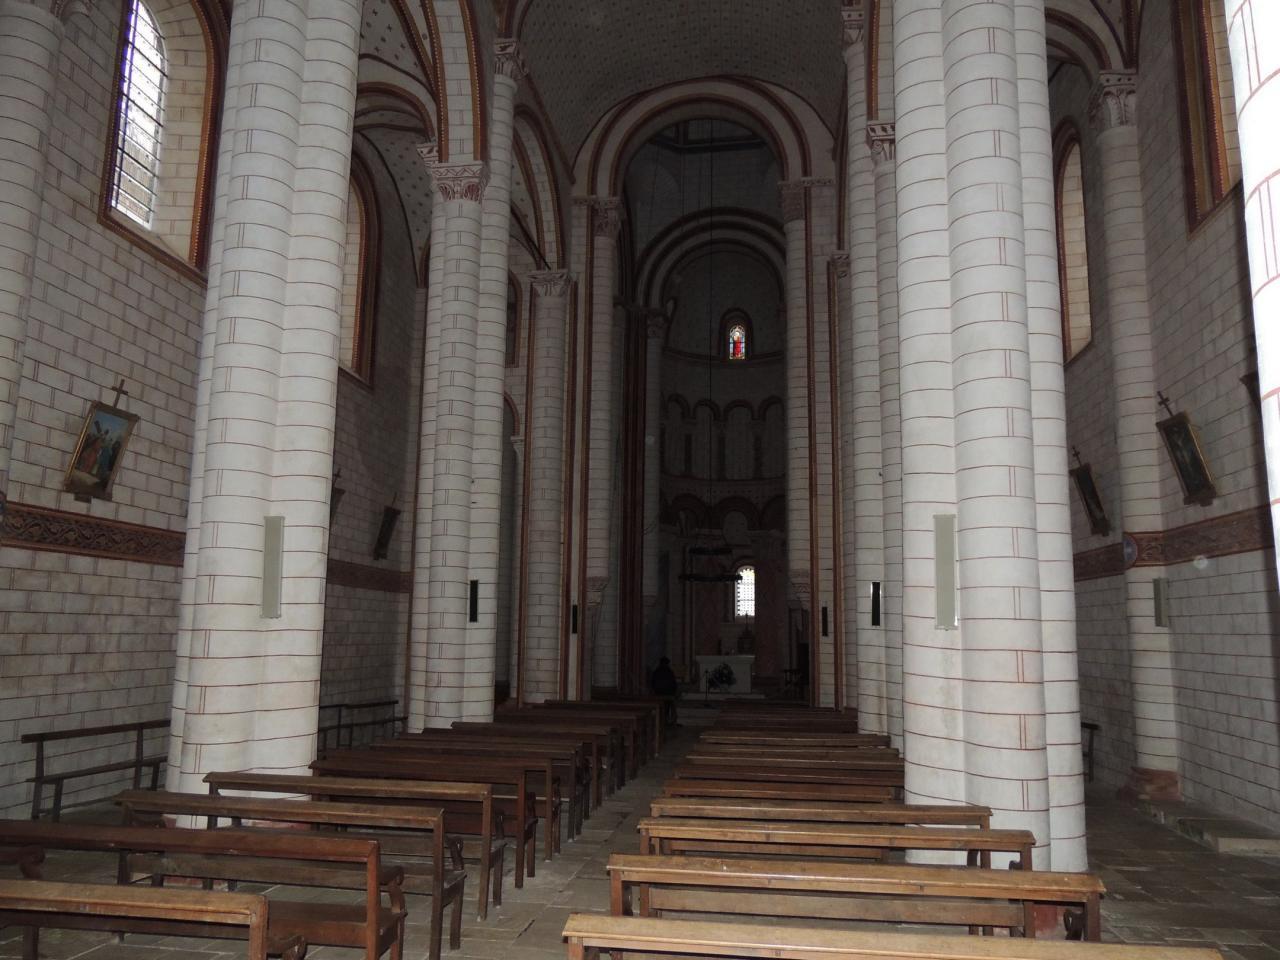 20151129_Chauvigny Interieur église St Pierre (1)